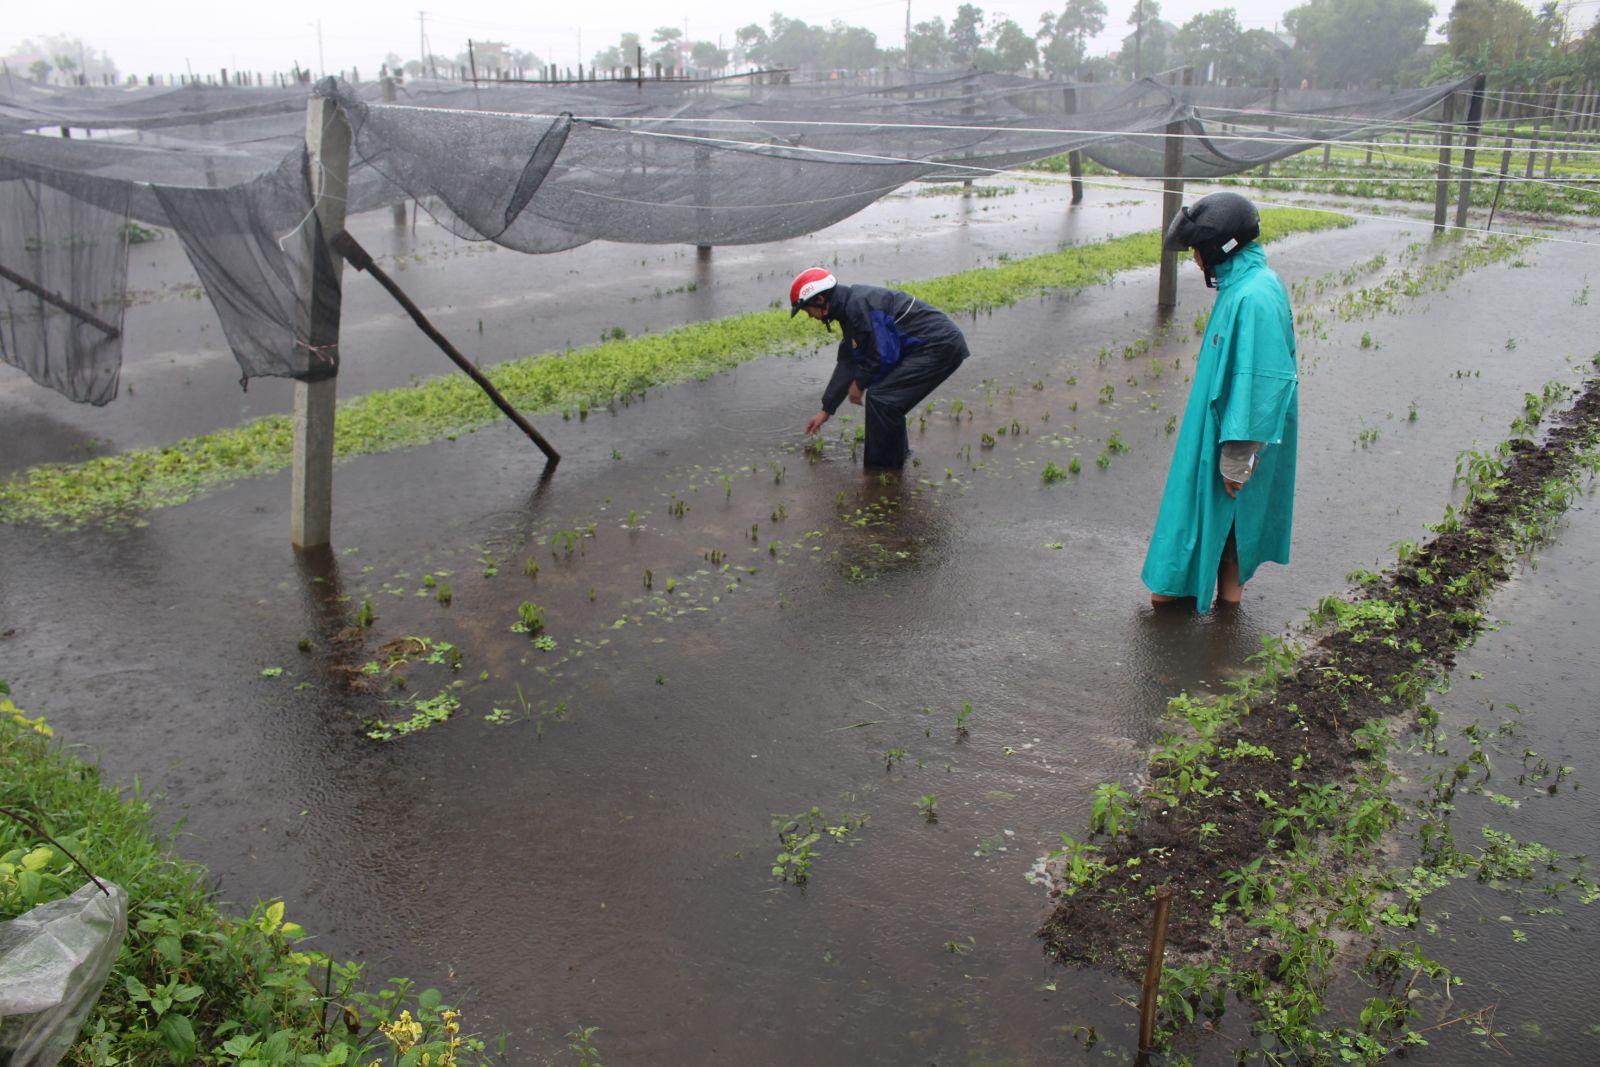 Nhiều thiệt hại ở vùng Ngũ Điền do mưa lũ